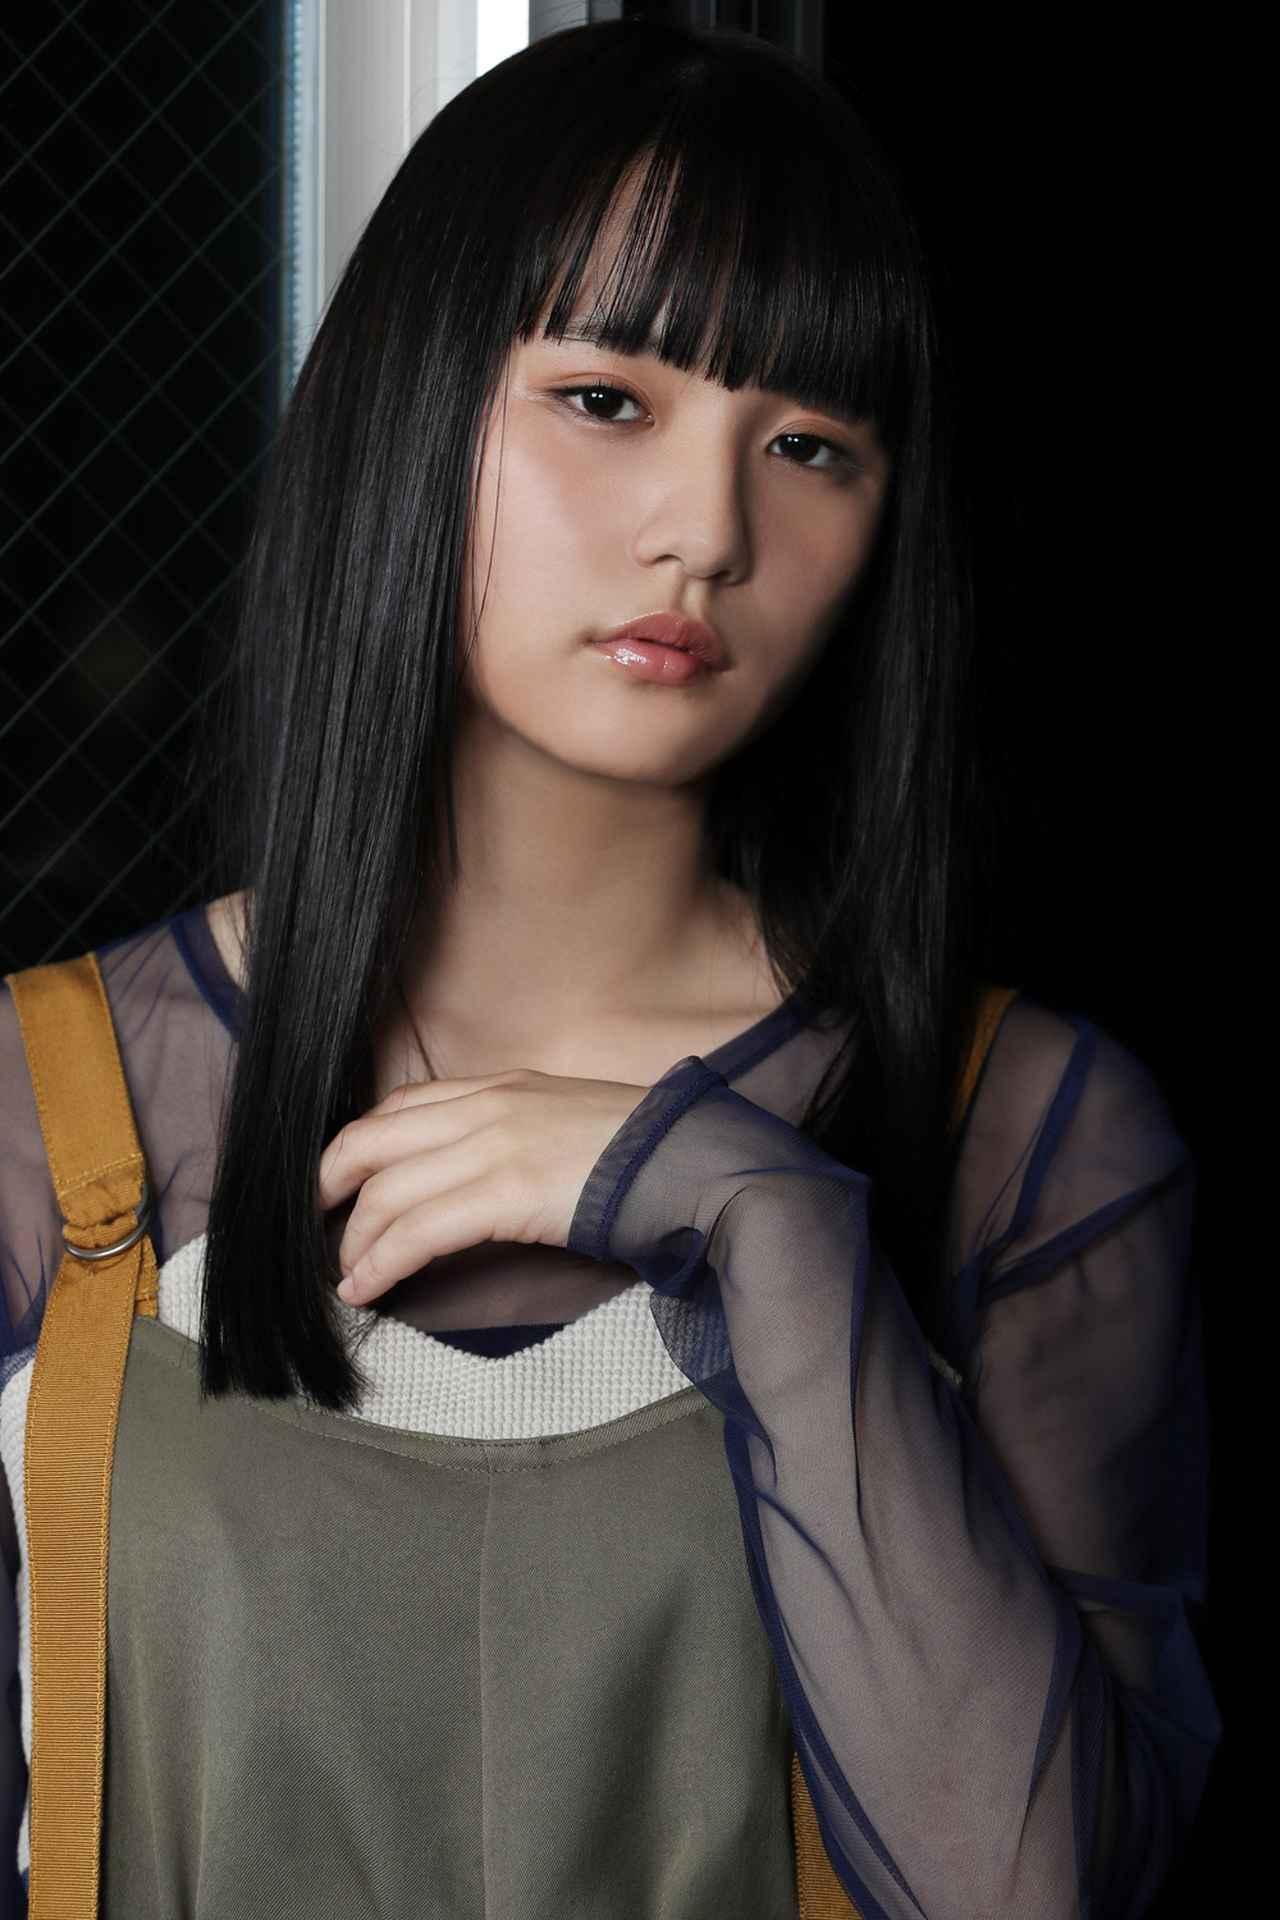 画像1: 浅川梨奈/主演ホラー「黒い乙女Q」5月31日に公開。「こんなにもすべてを疑わないといけない作品は初めてです。各所に張り巡らされた伏線、そして驚愕のラスト。そのすべてを堪能してほしい」